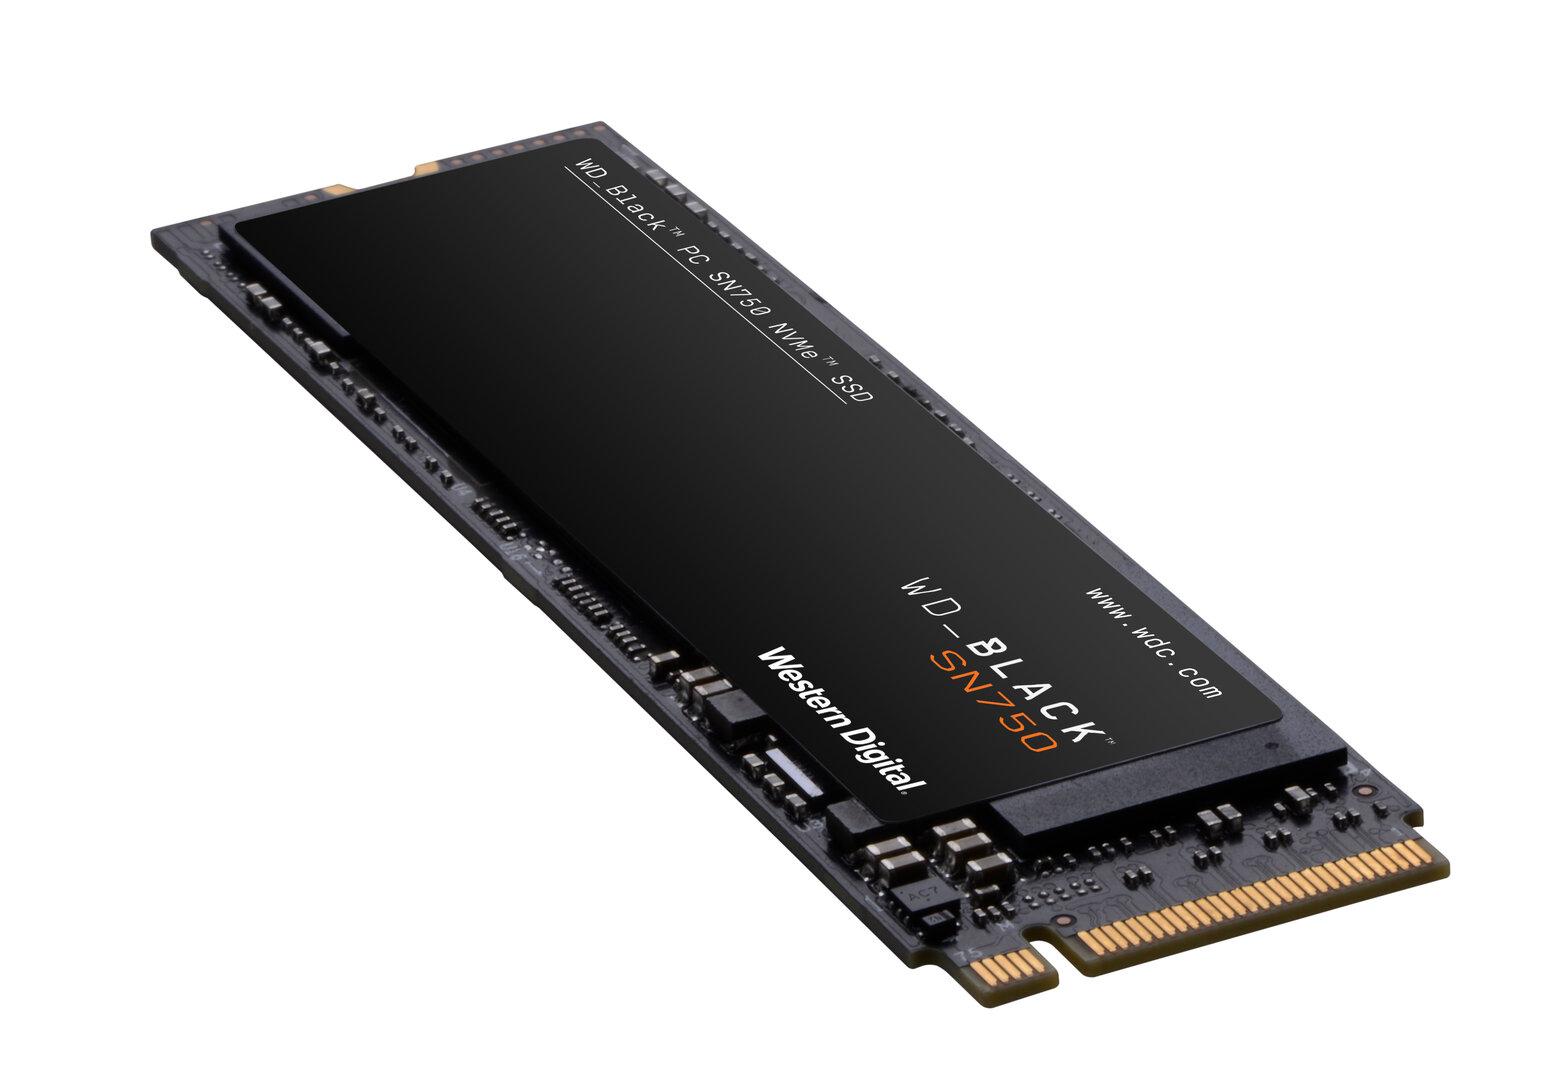 WD Black SN750 NVMe SSD